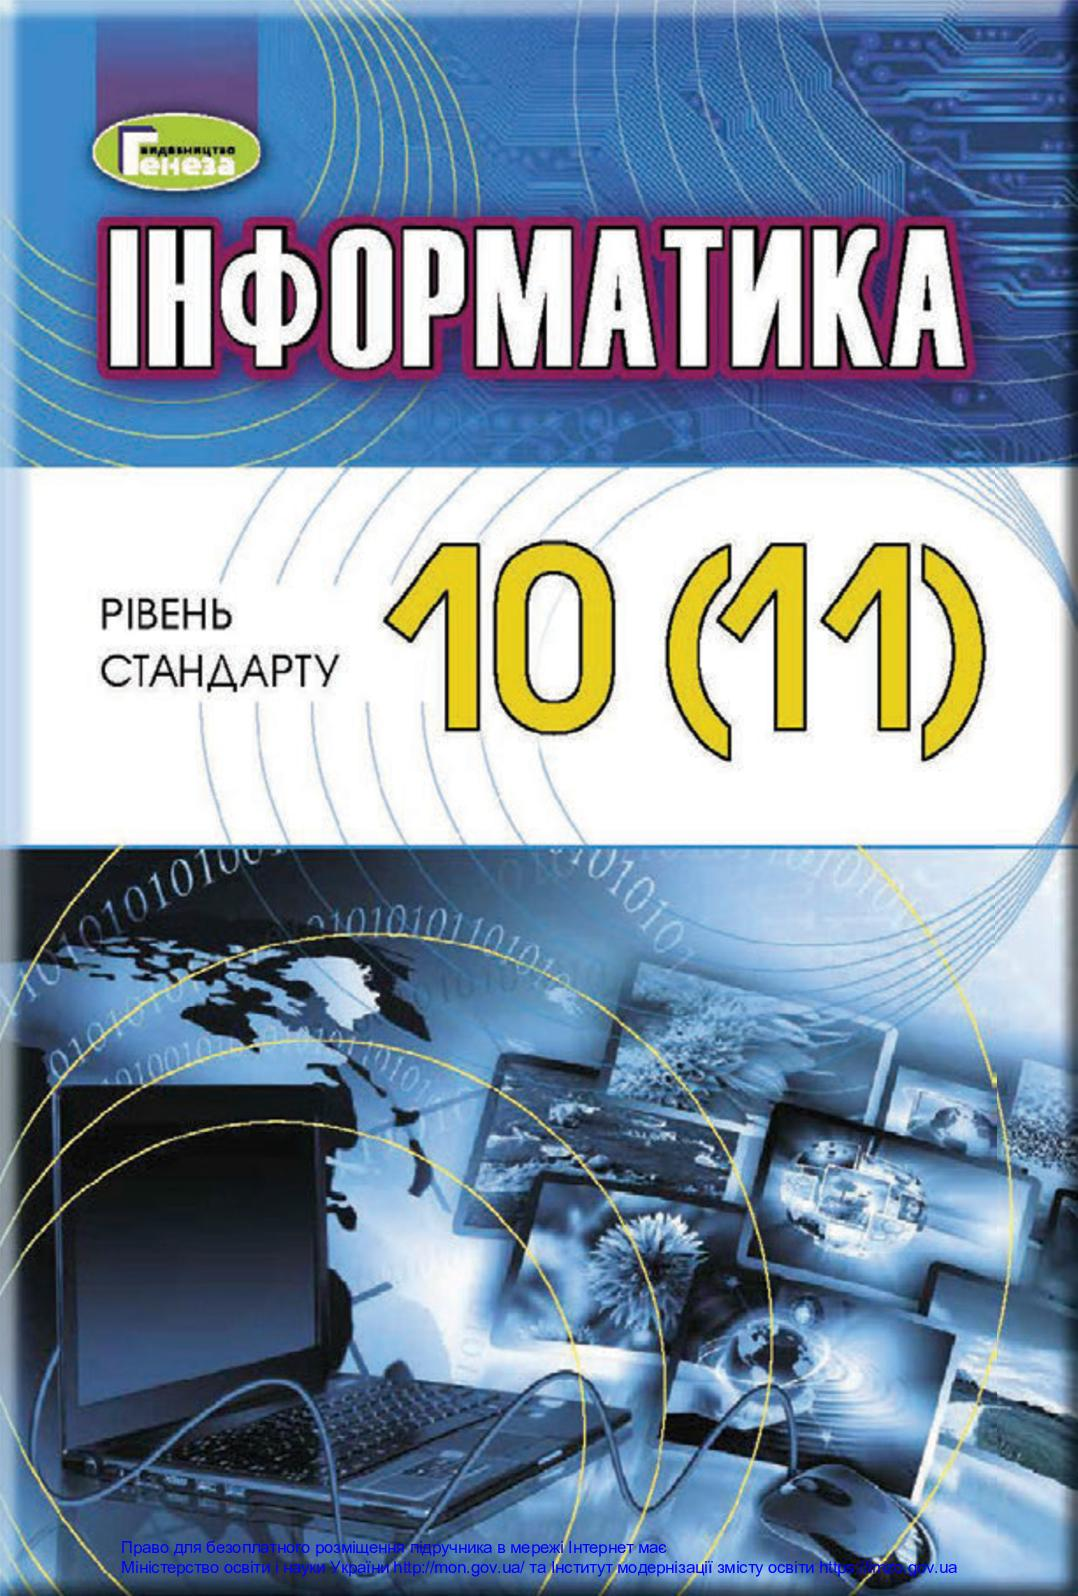 Calaméo - Інформатика підручник для 10(11) класу авт. Ривкінд 3abbfdaf2c8d7